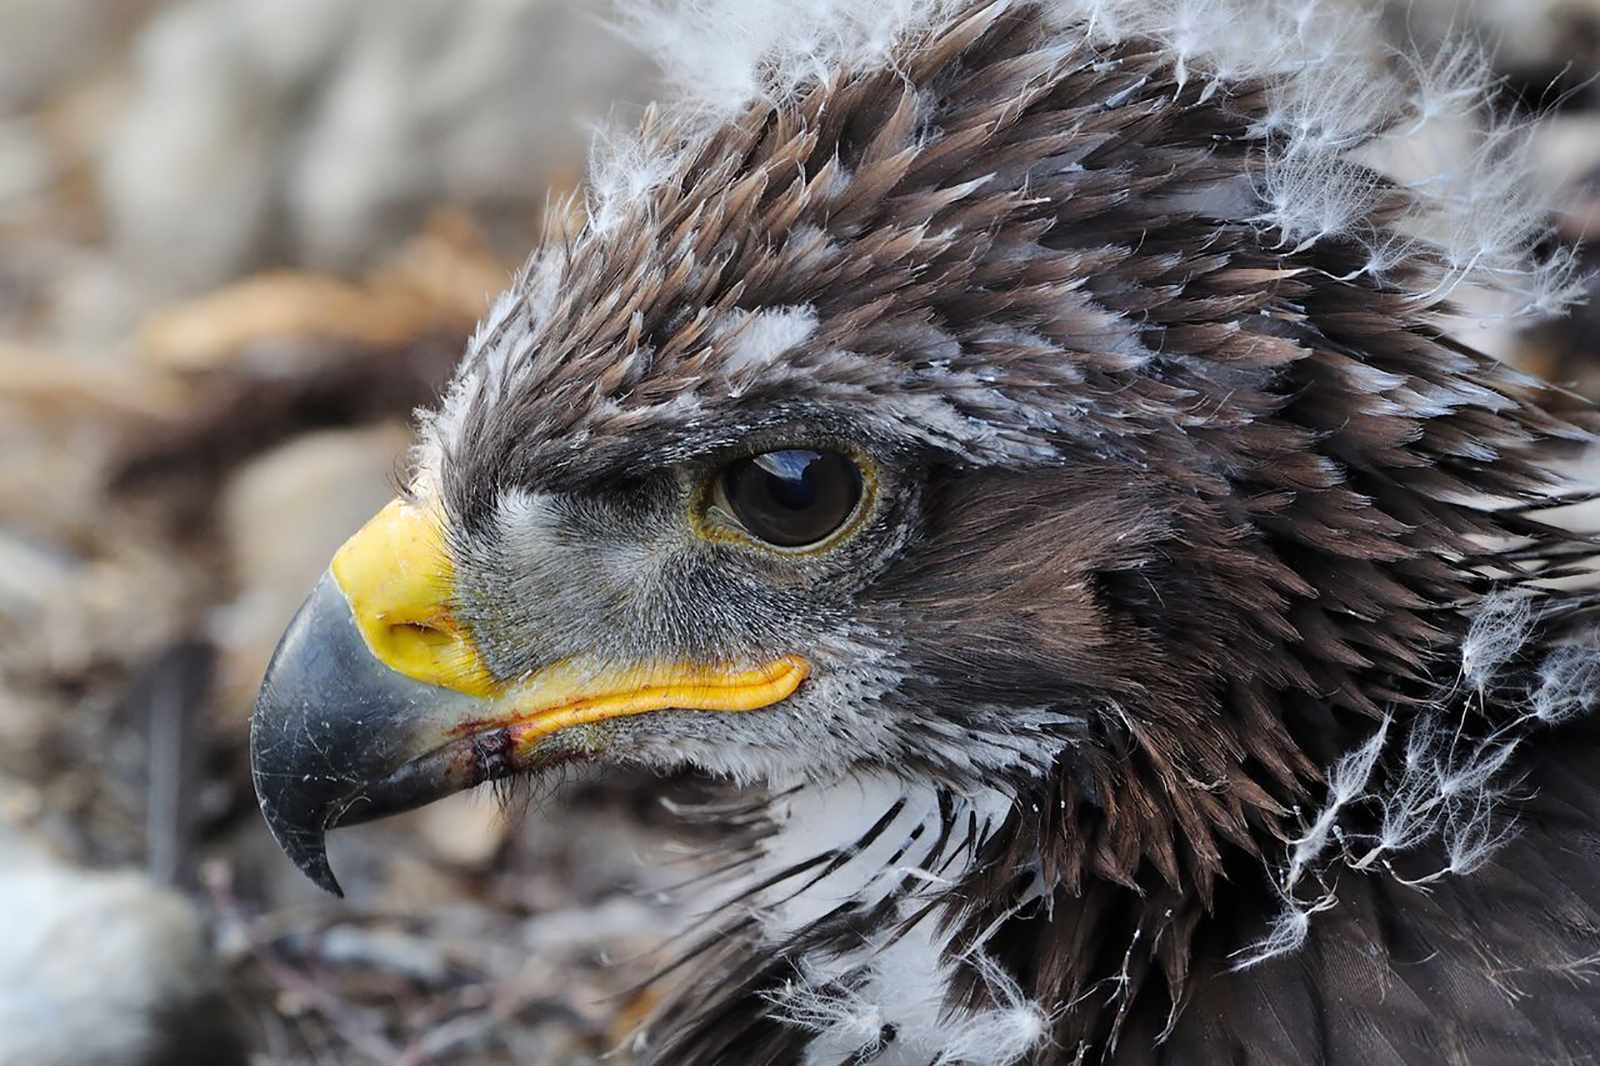 eagle-1-e08e556